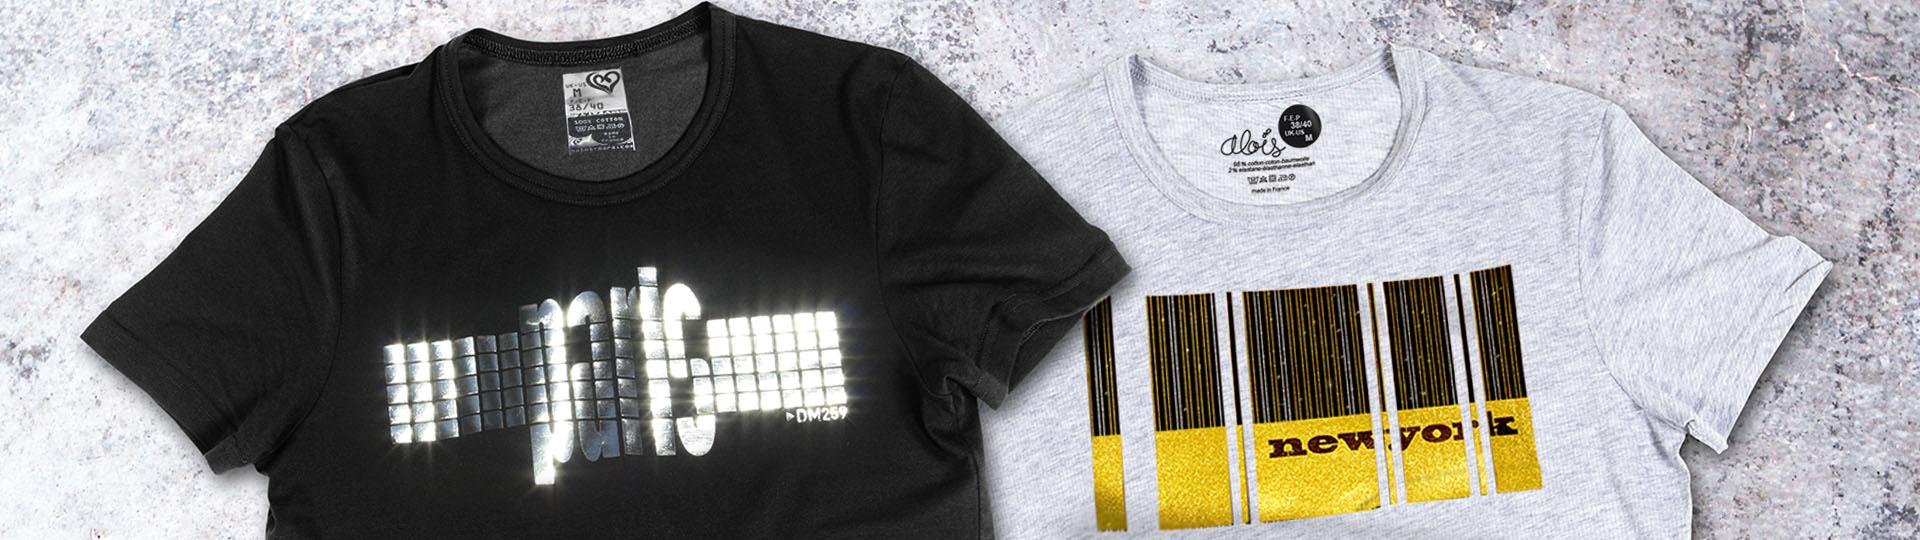 FASHION & CLOTHING - image 5